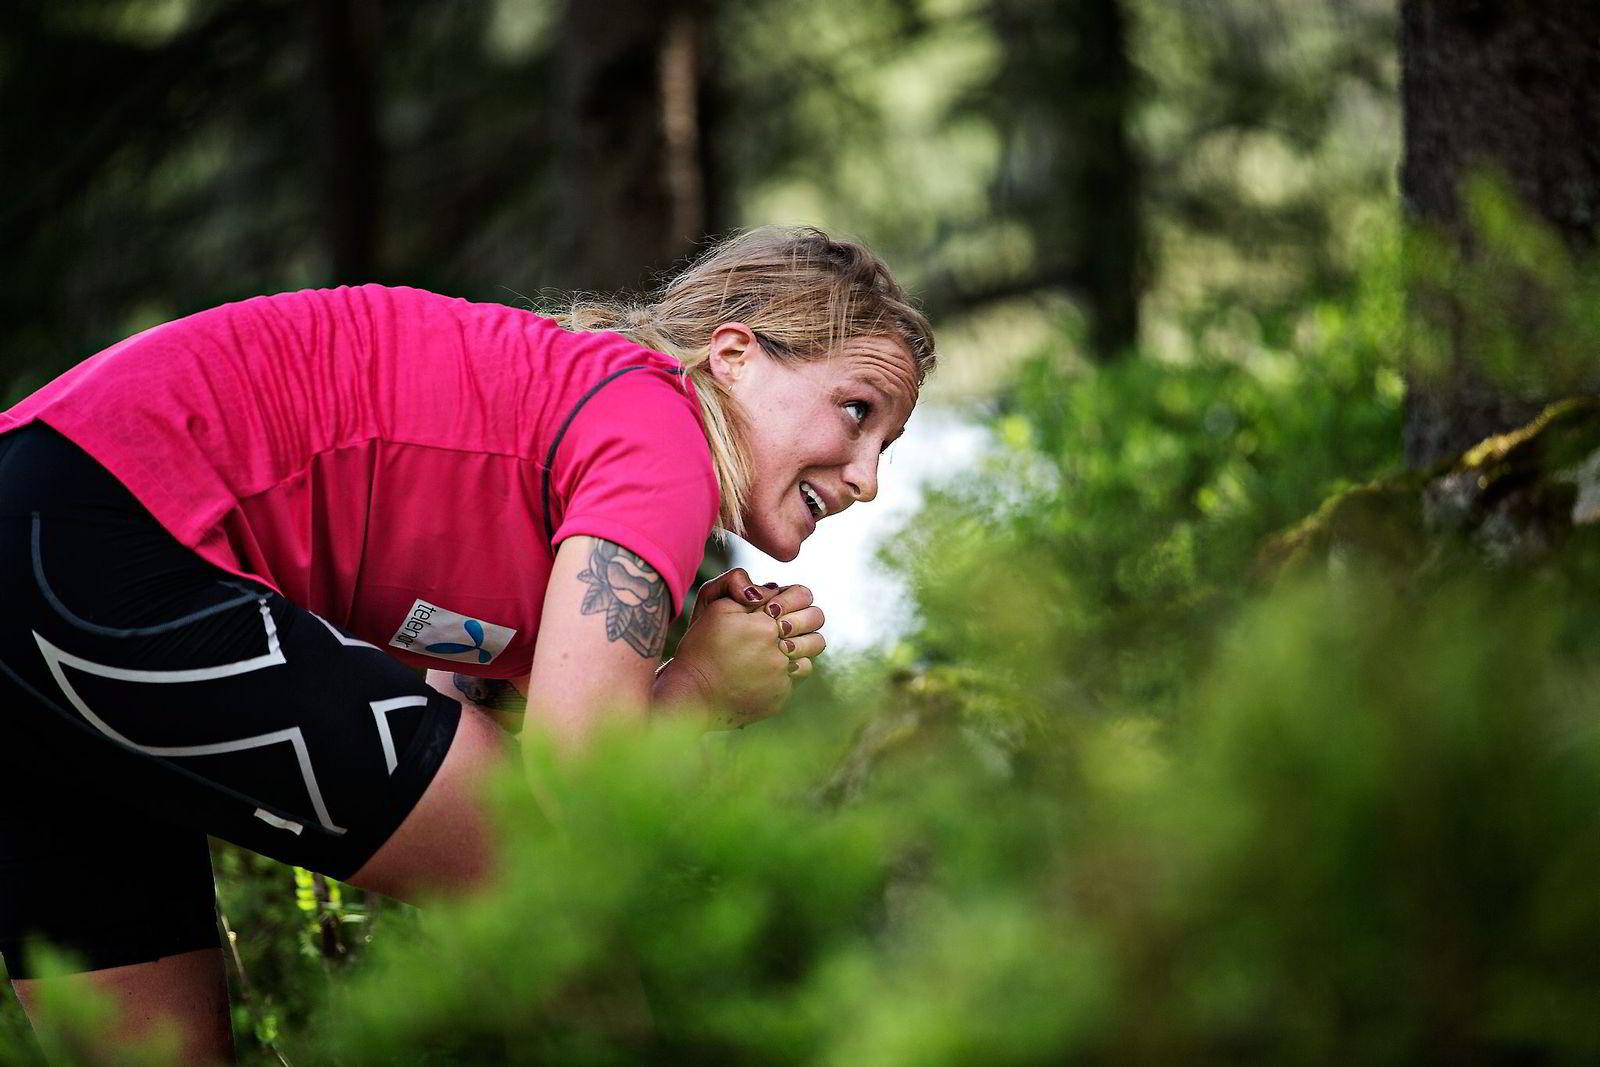 Lotte Sejerstedt er helt på grensen under de siste sekundene av lavgangen som avslutter en smertefull triatlon. Foto: Aleksander Nordahl